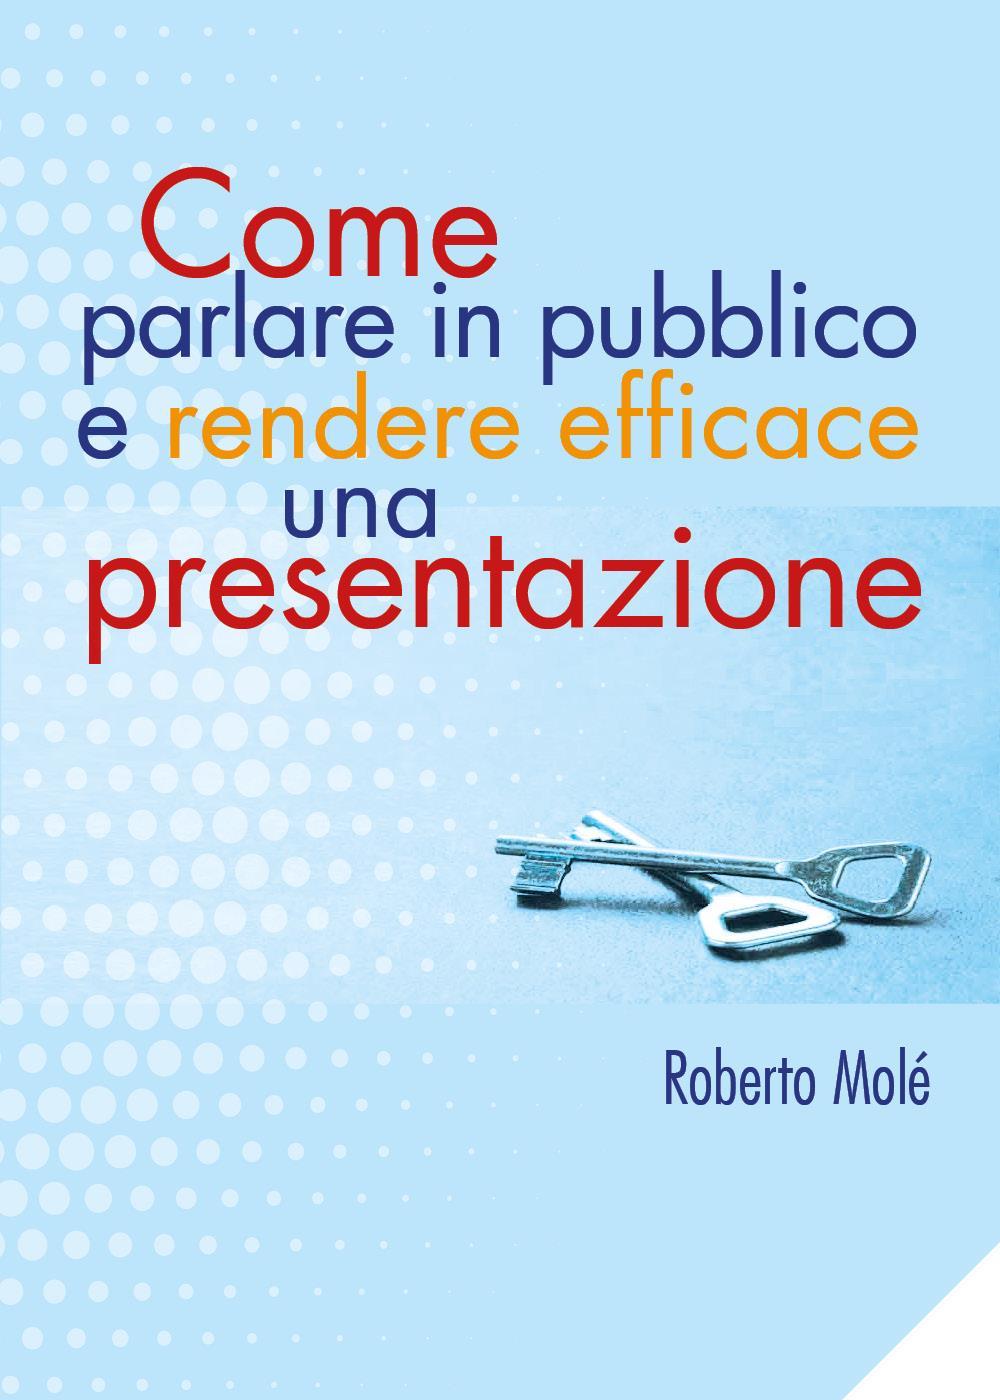 Come parlare in pubblico e rendere efficace una presentazione